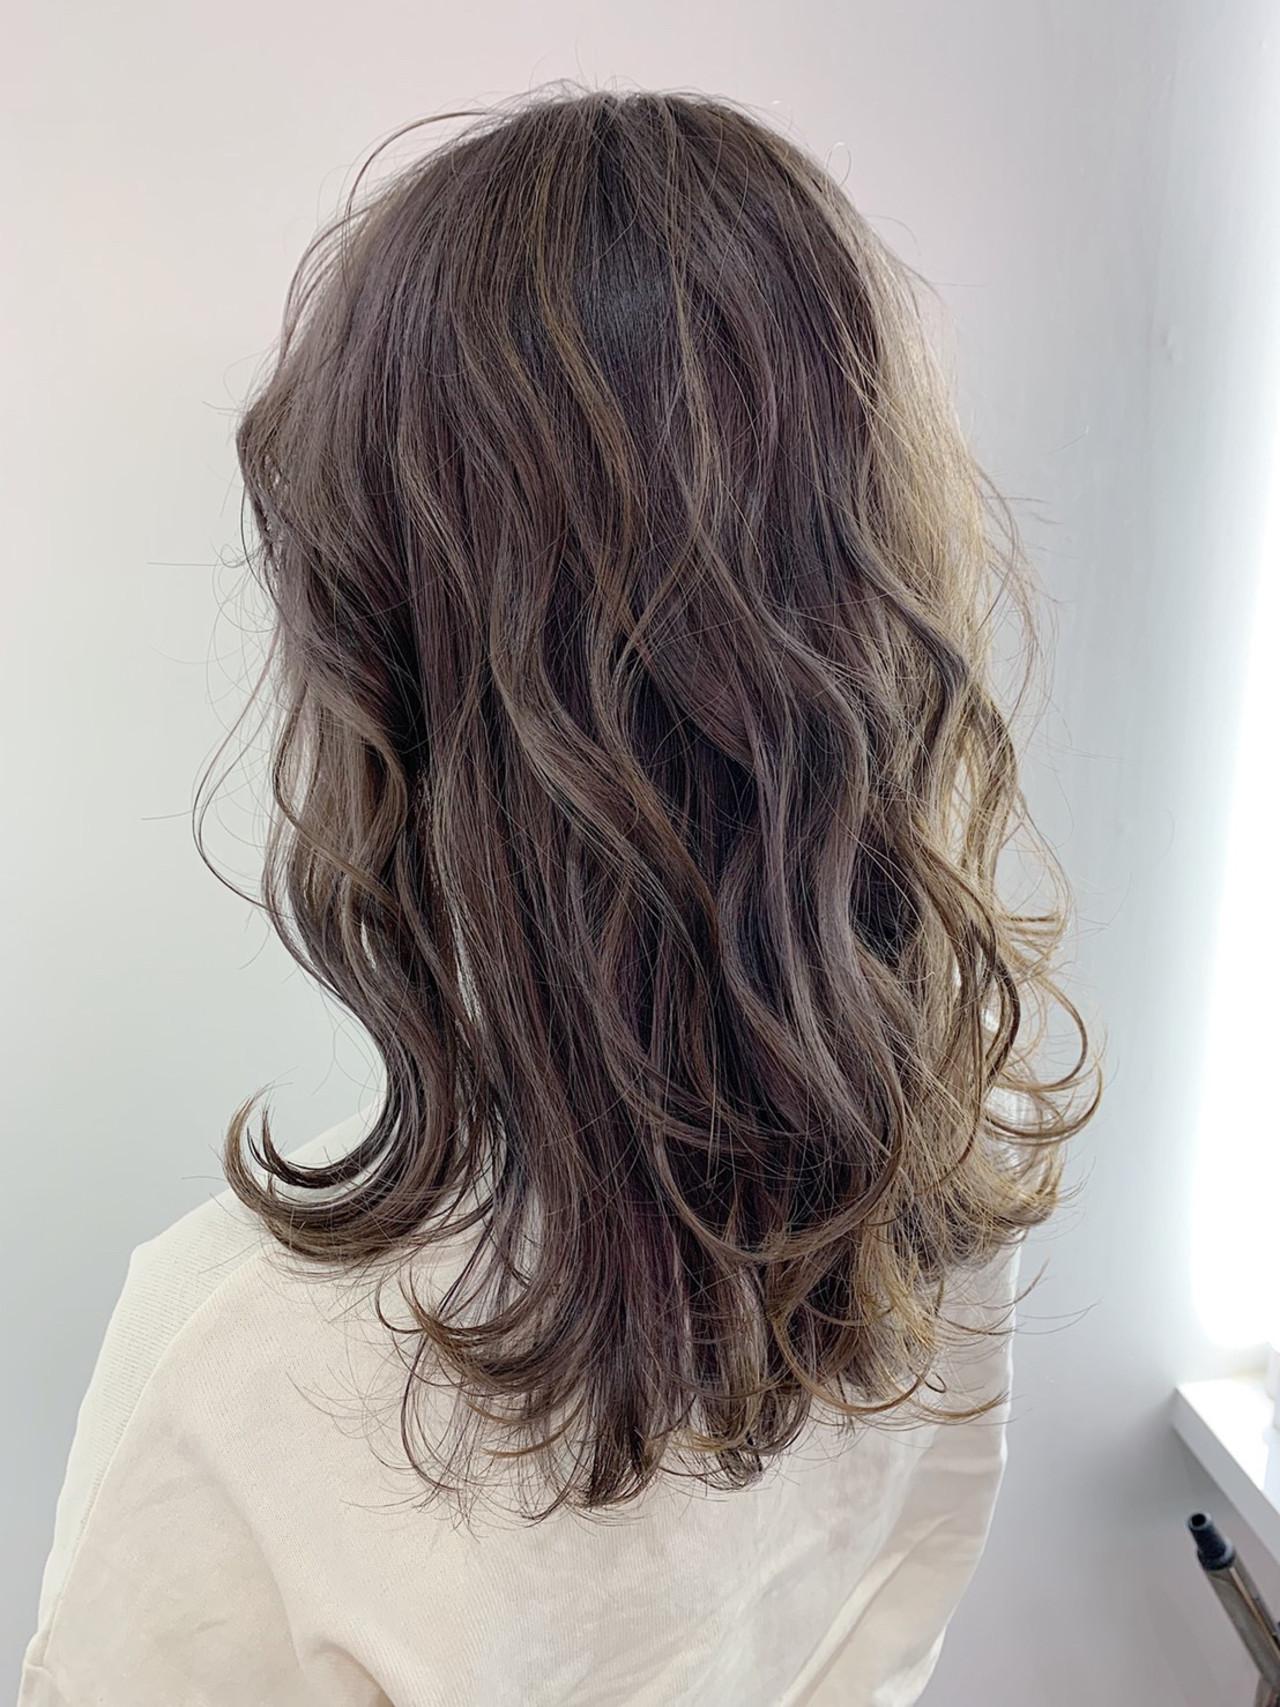 グレーアッシュ ナチュラル グレージュ アッシュグレー ヘアスタイルや髪型の写真・画像